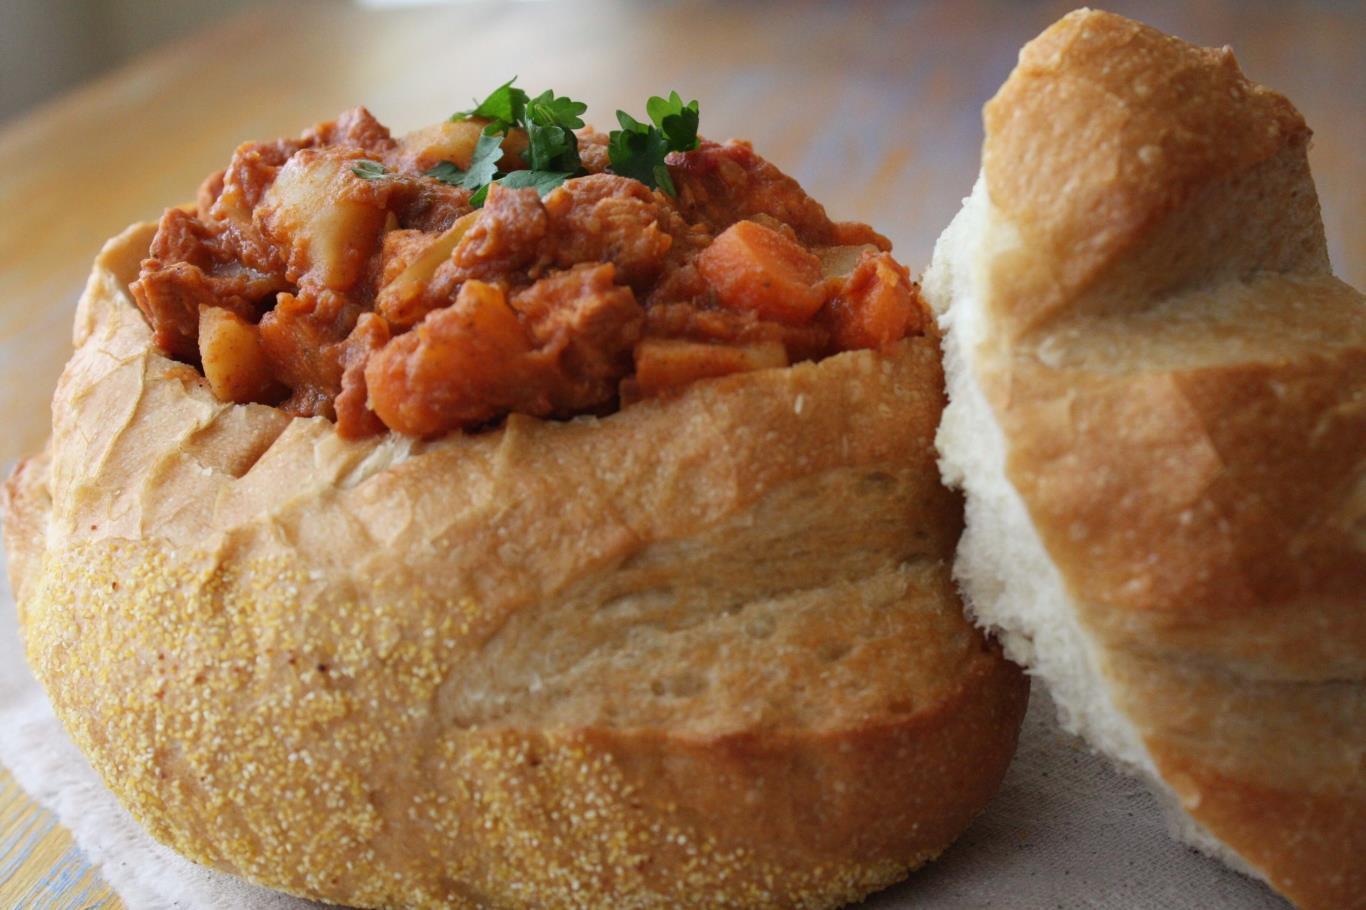 Bunny Chow là món ăn truyền thống của cộng đồng người Ấn Độ tại Nam Phi, sau đó được lan rộng ra toàn thế giới. Người đầu bếp khoét một mảng lớn trên ổ bánh mì rồi đổ cà ri, với nhân là thịt và các loại đậu vào bên trong. Món ăn trở nên hấp dẫn hơn khi đi kèm với cốc bia lạnh trong những ngày nóng tại Nam Phi.